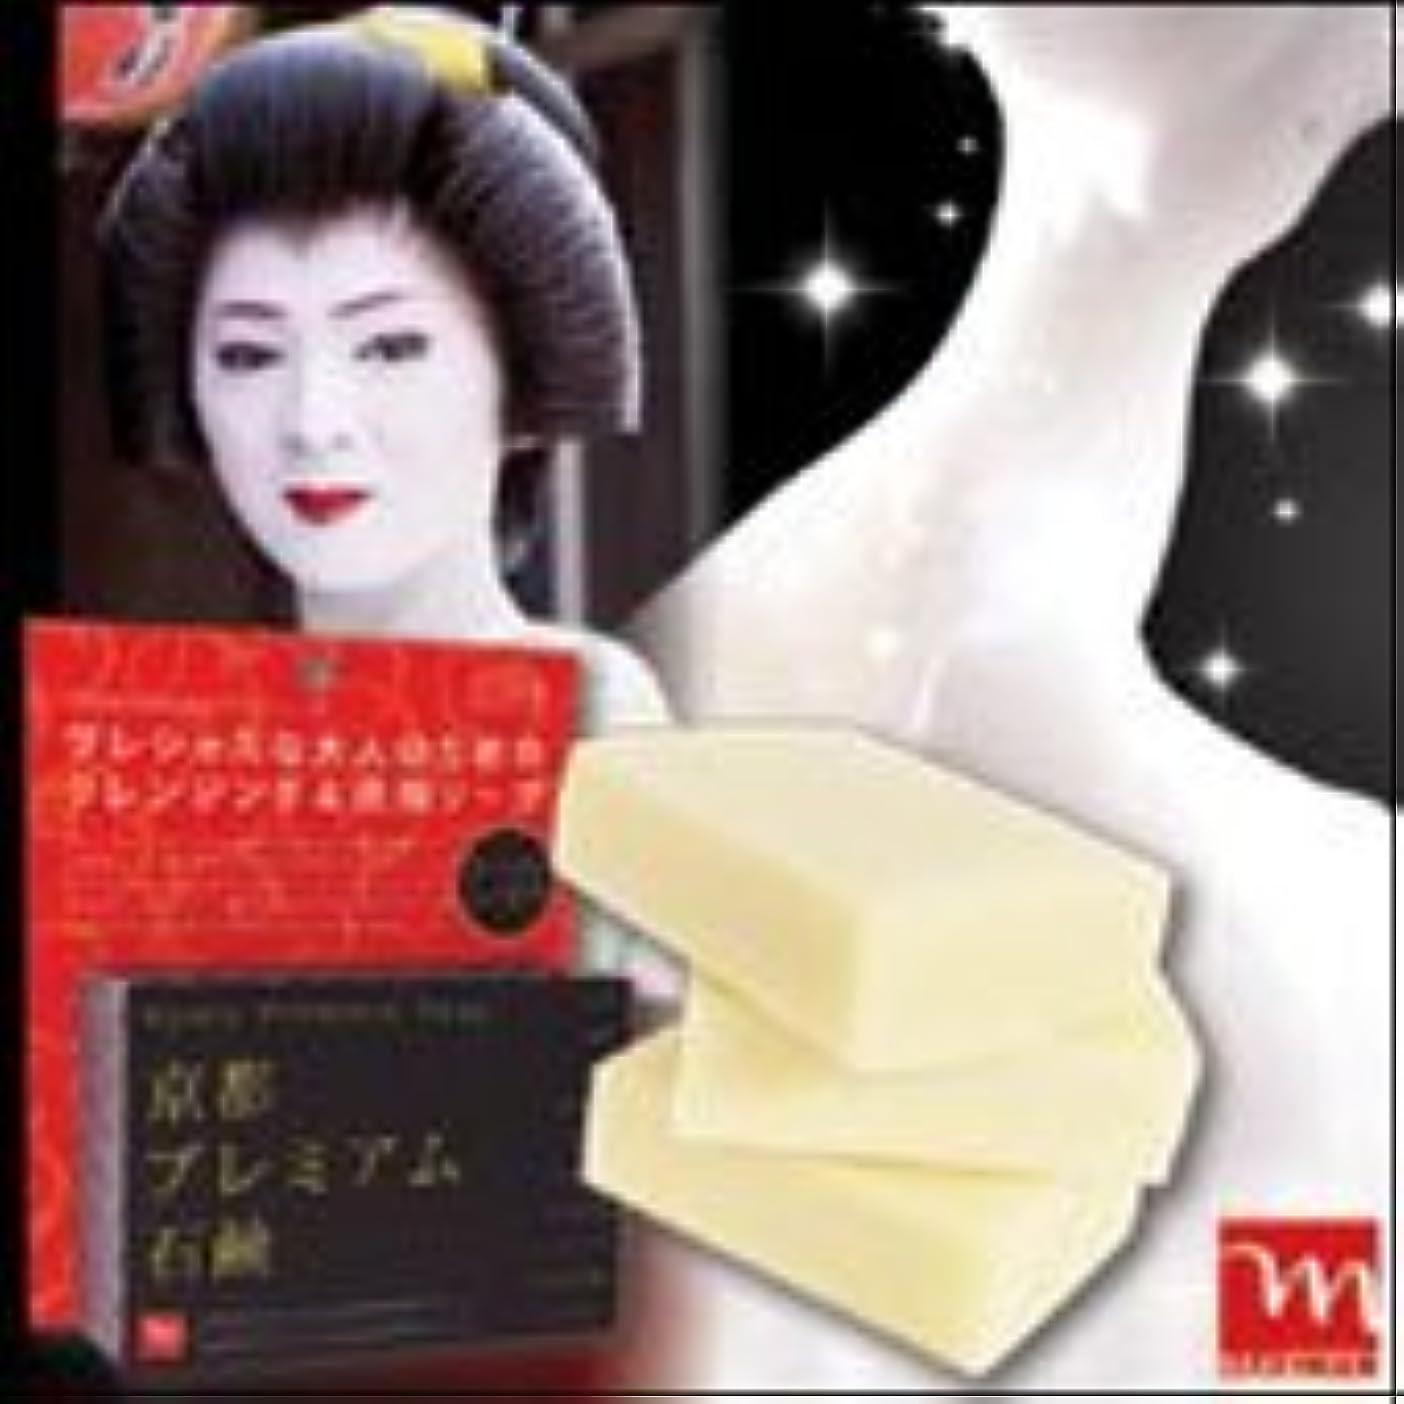 怒ってお祝いツール「京都プレミアム石鹸」【1個】